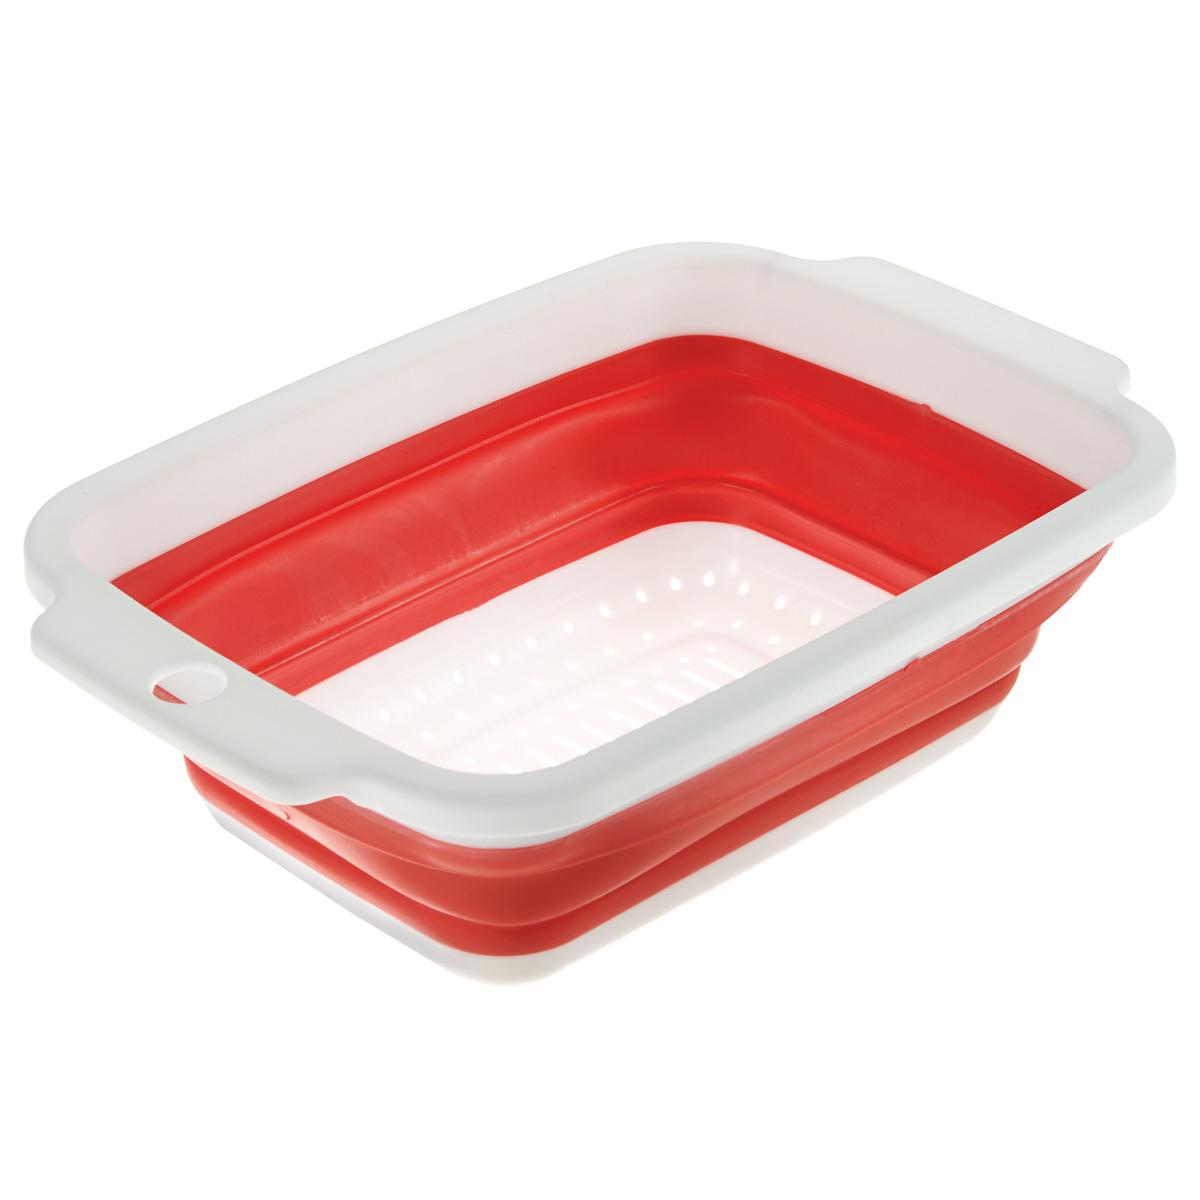 Дуршлаг складной Neo Way, цвет: белый, красный, 34 х 22 смOW102Складной дуршлаг Neo Way станет полезным приобретением для вашей кухни. Он изготовлен из высококачественного пищевого силикона и пластика. Прекрасно подходит для процеживания, ополаскивания и стекания макарон, овощей, фруктов. Дуршлаг компактно складывается, что делает его удобным для хранения. Можно мыть в посудомоечной машине.